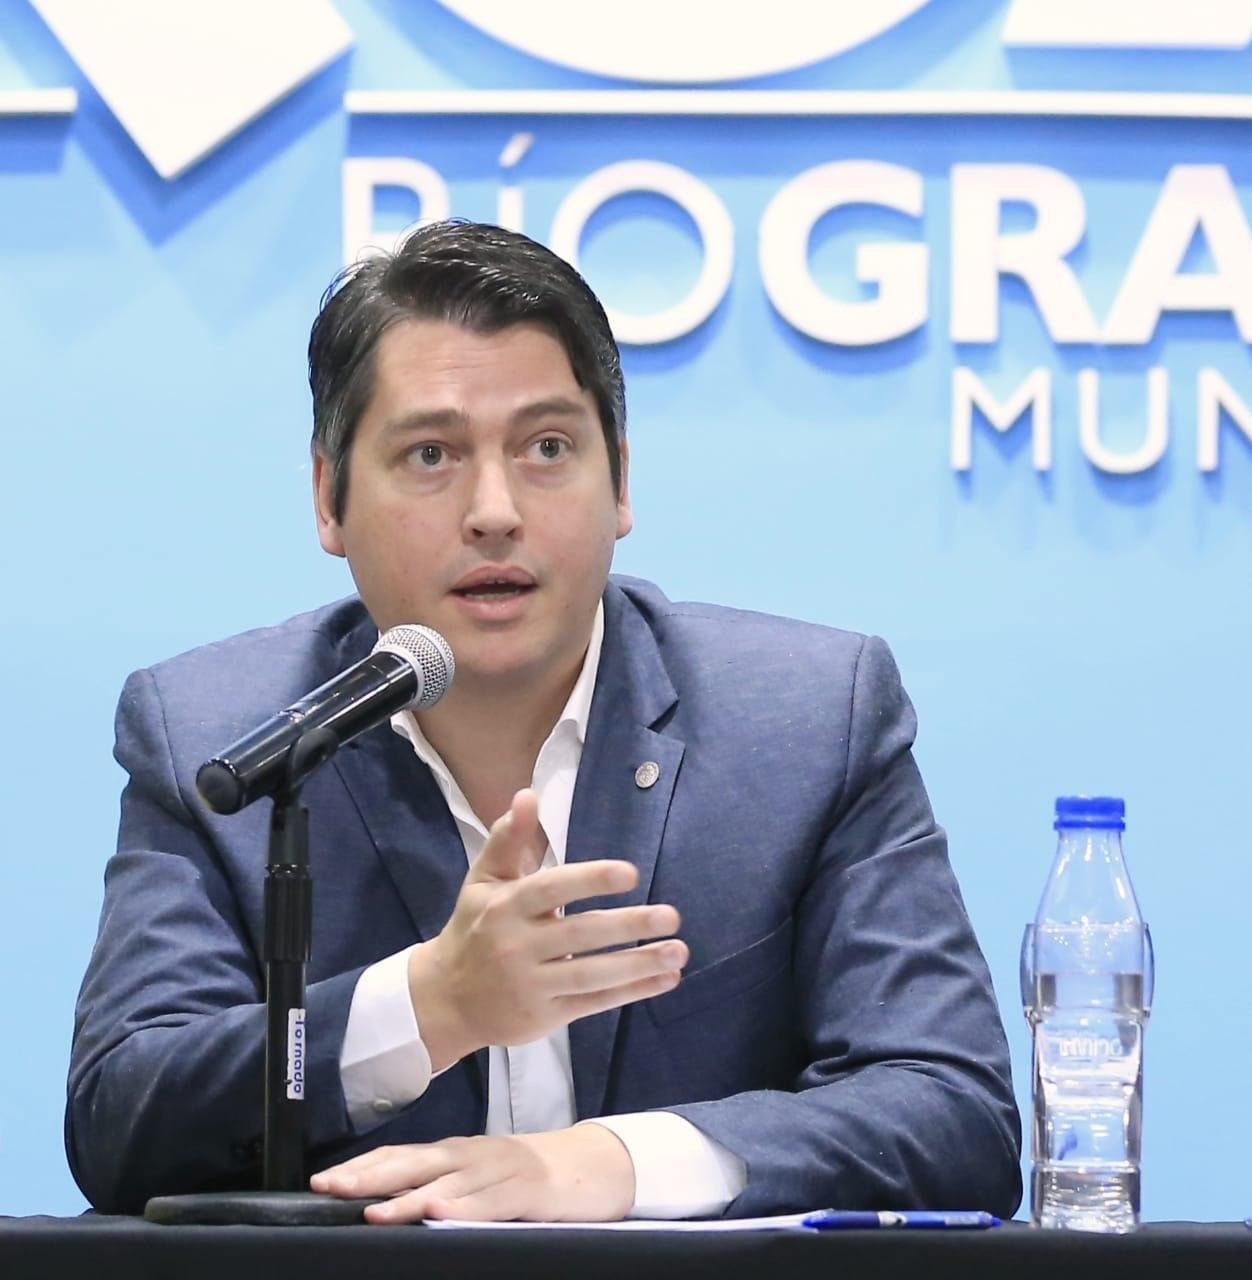 Martin Perez Coronavirus